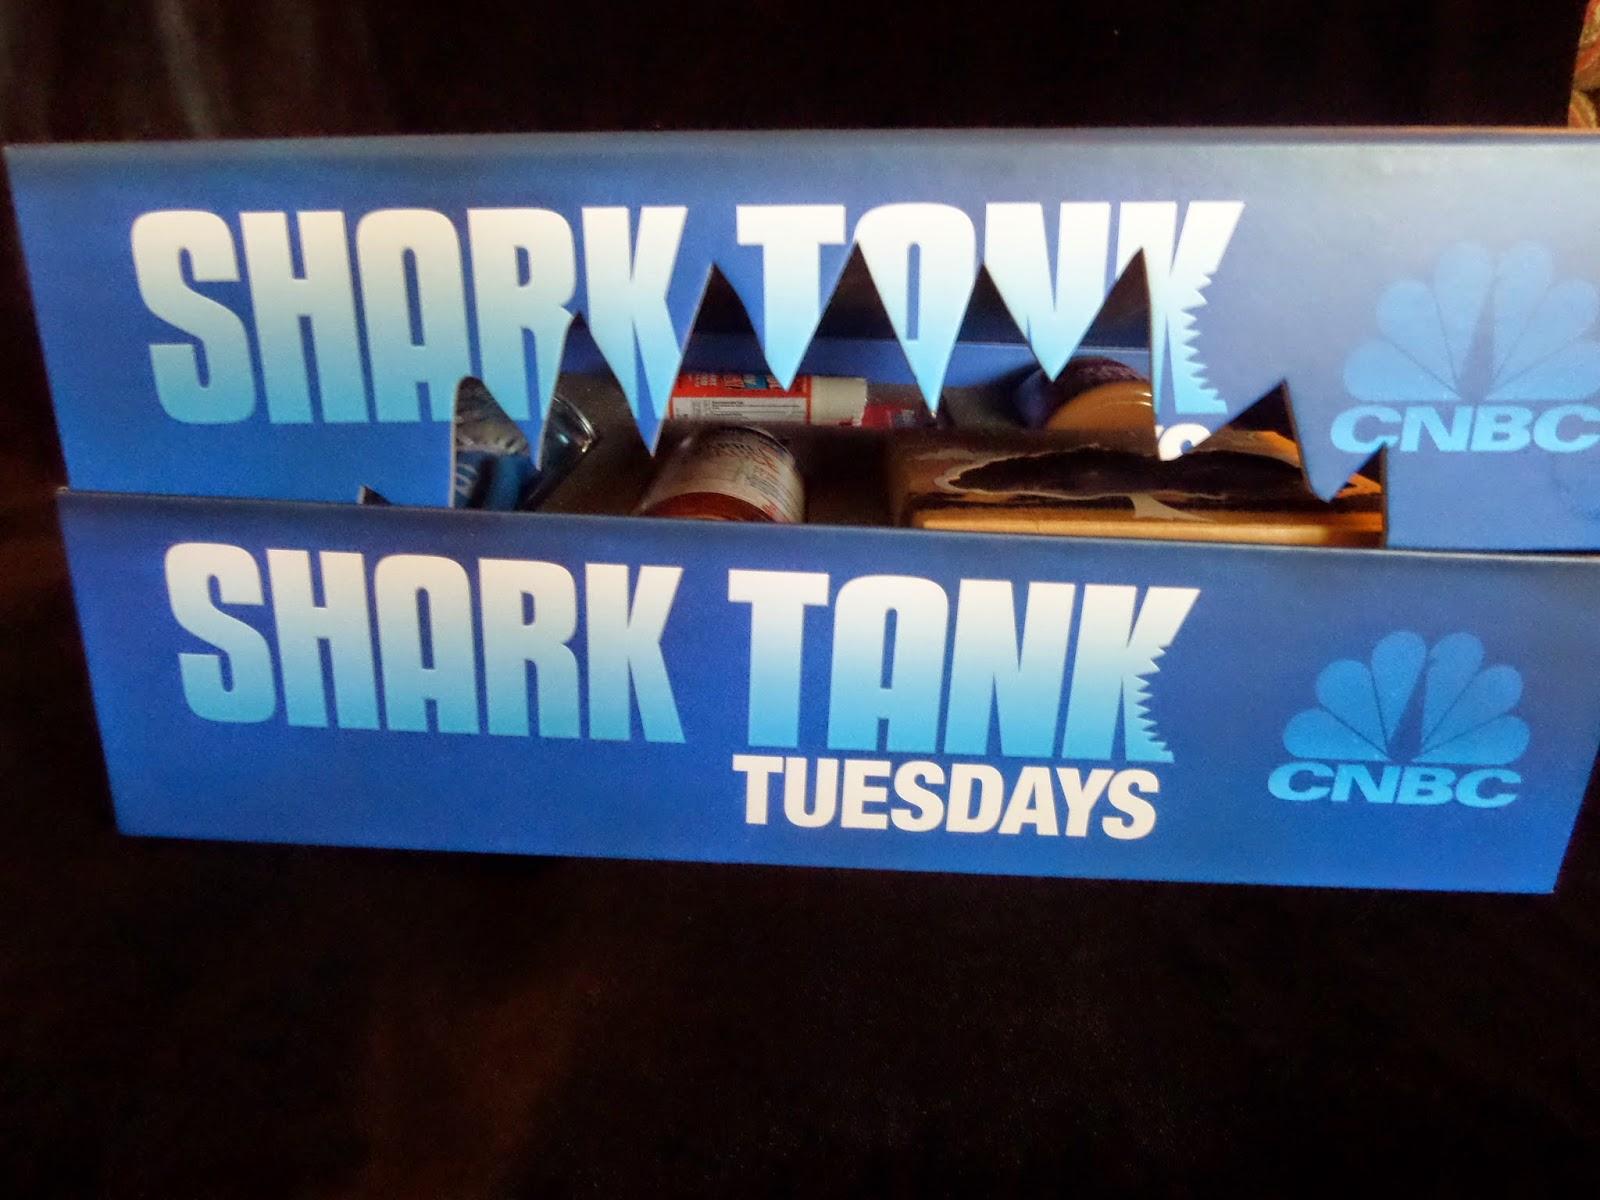 Shark Tank Tuesdays on CNBC